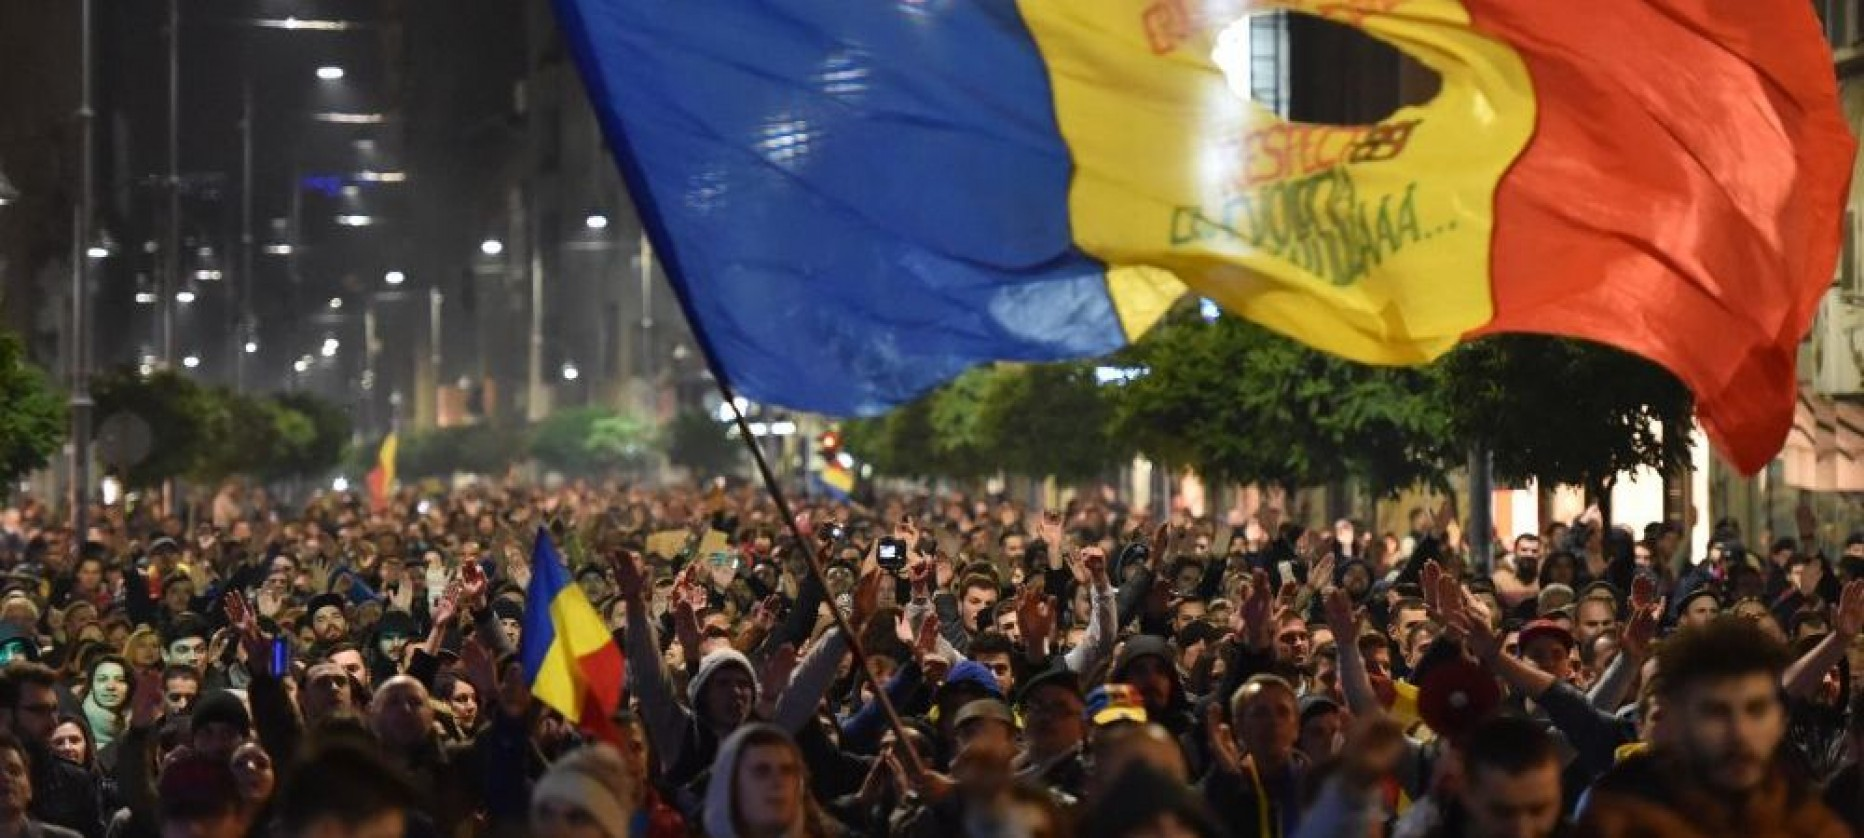 Liniștiți-vă, România nu va intra în colaps! Nu confundați o țară cu politicienii ei.